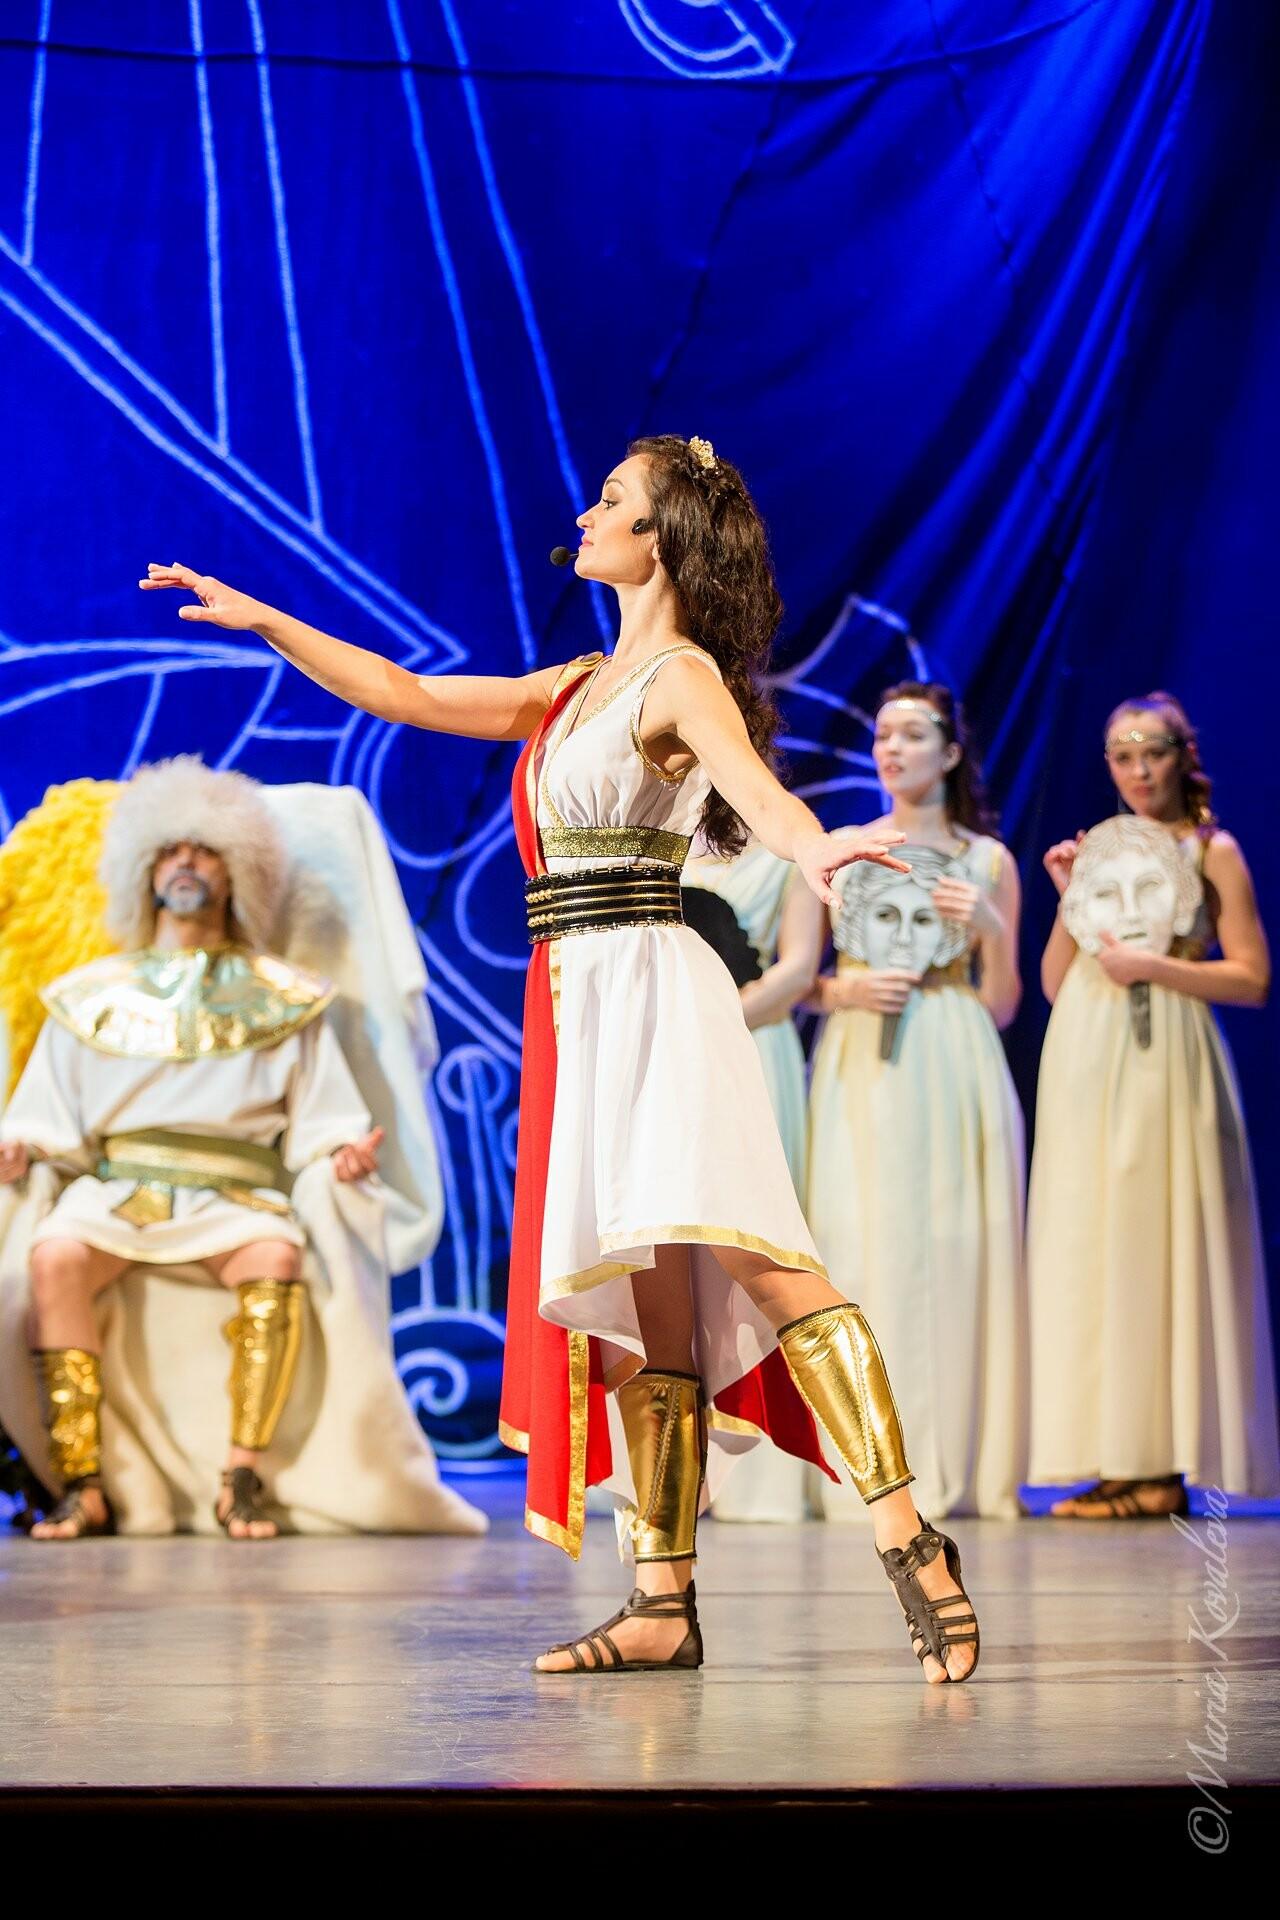 Санкт-Петербургский ТЕАТР «РОК-ОПЕРА» выступит на сцене Псковского драмтеатра 22 апреля, фото-2